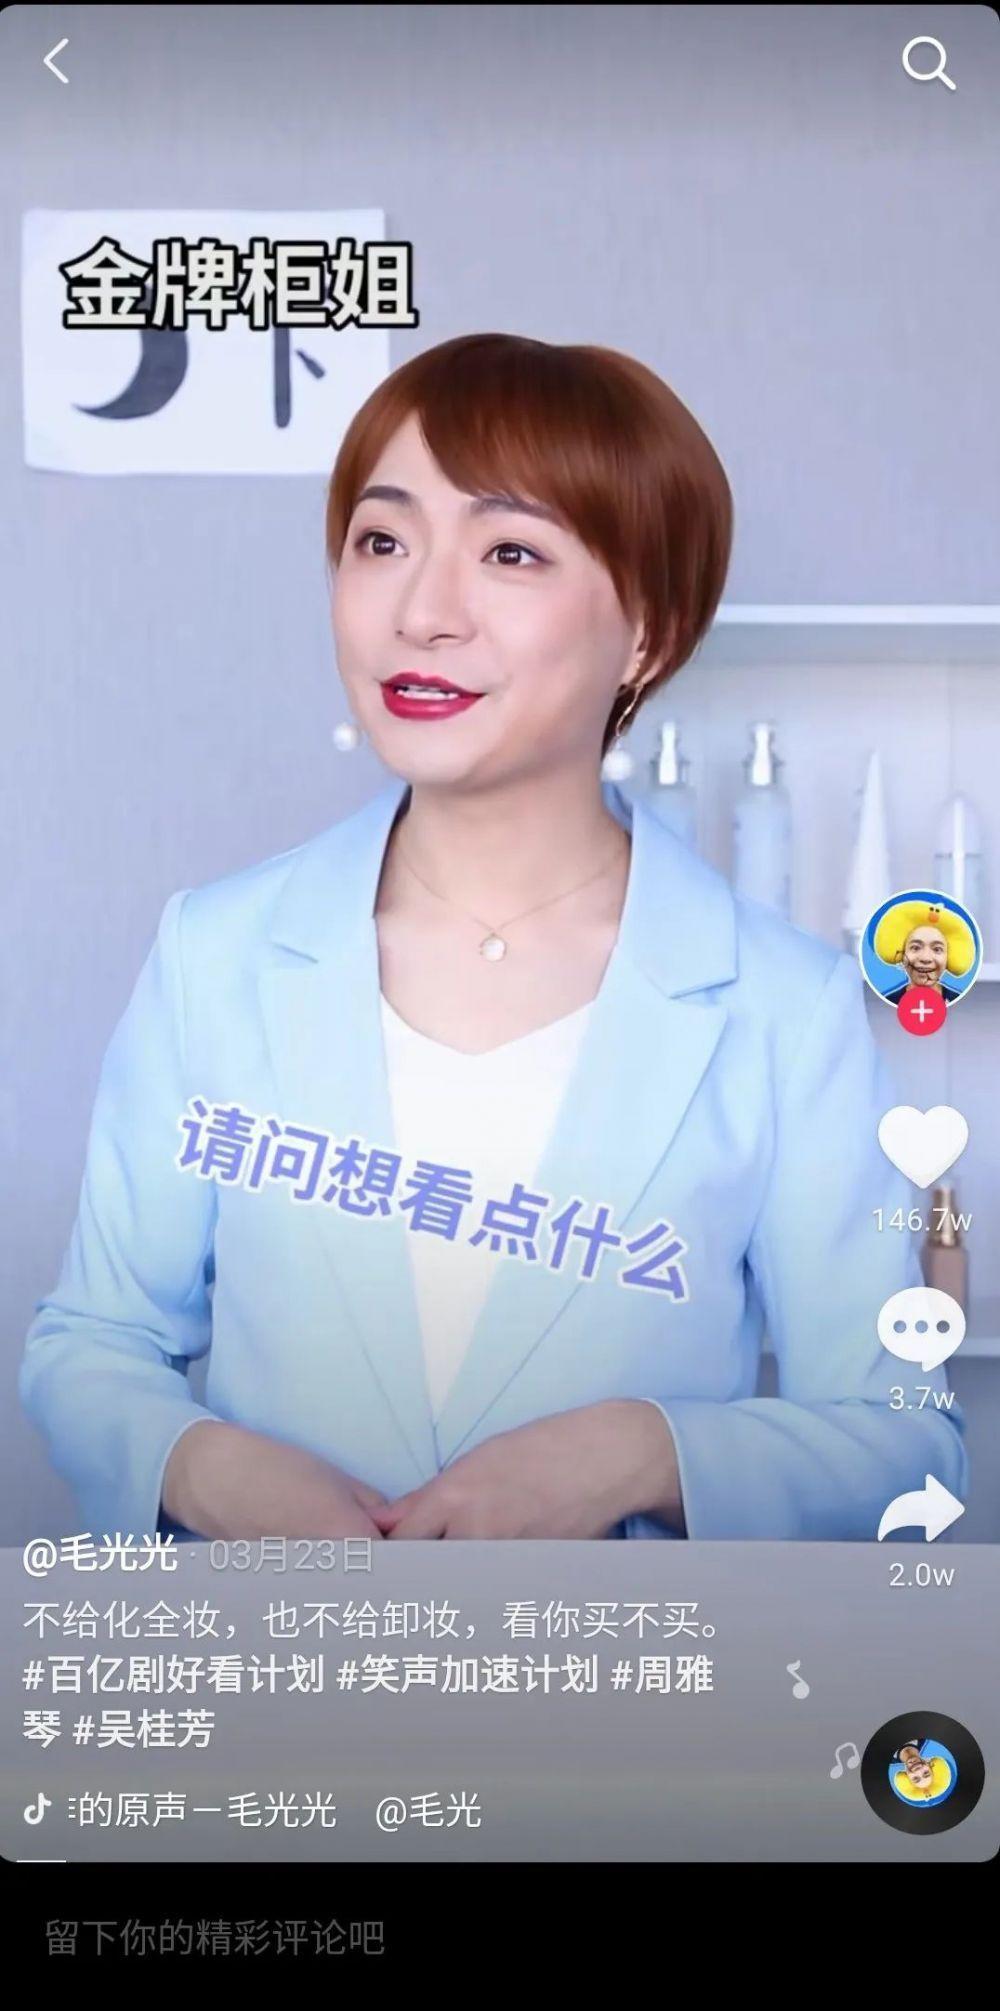 """1个月涨粉439w,那些一人分饰多角的""""百变大咖"""",为何让人欲罢不能?-第5张图片-周小辉<a href='http://www.zhouxiaohui.cn/duanshipin/'>短视频</a>培训博客"""